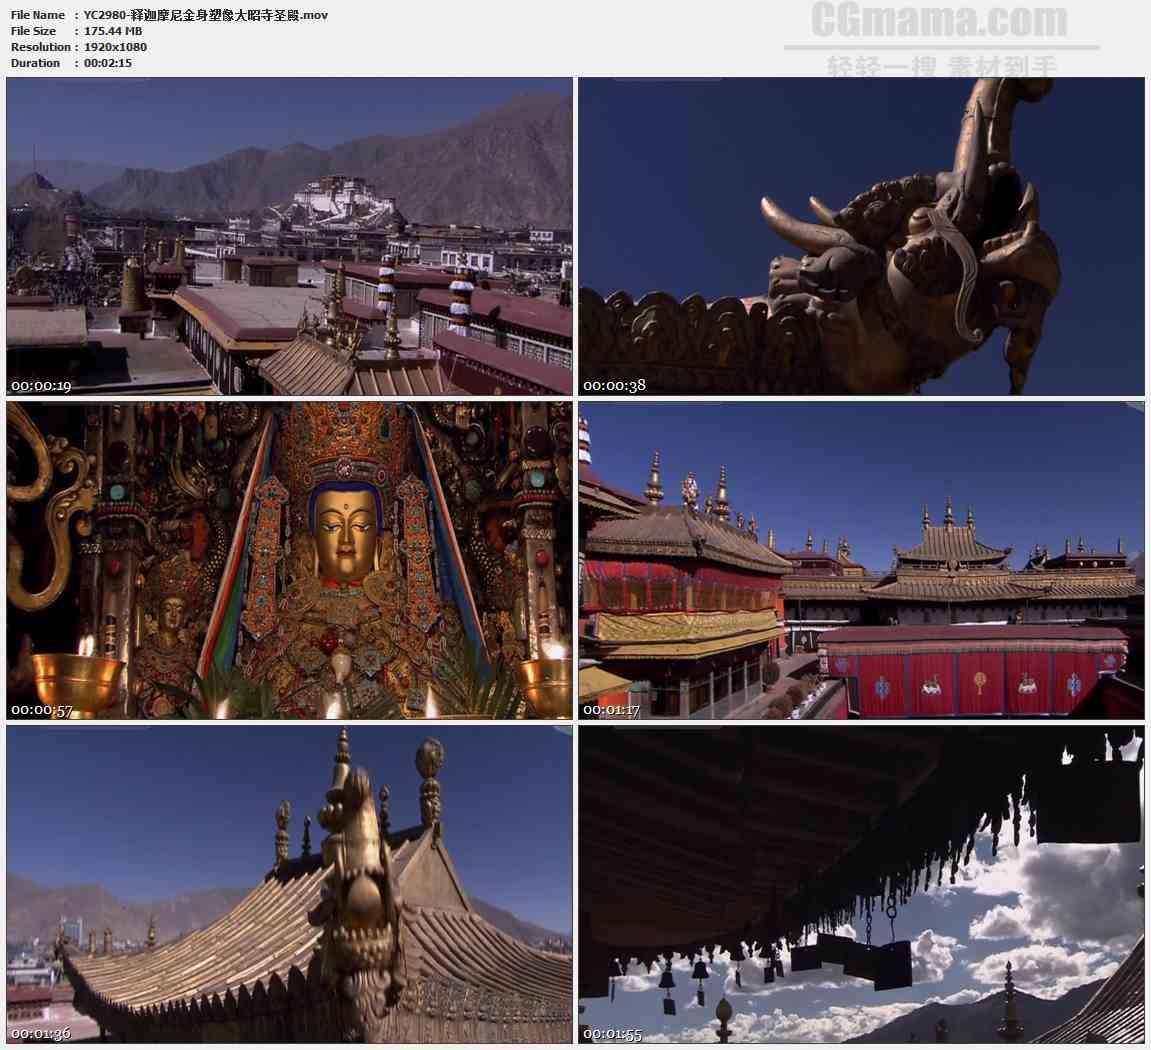 YC2980-释迦摩尼金身塑像大昭寺圣殿高清实拍视频素材